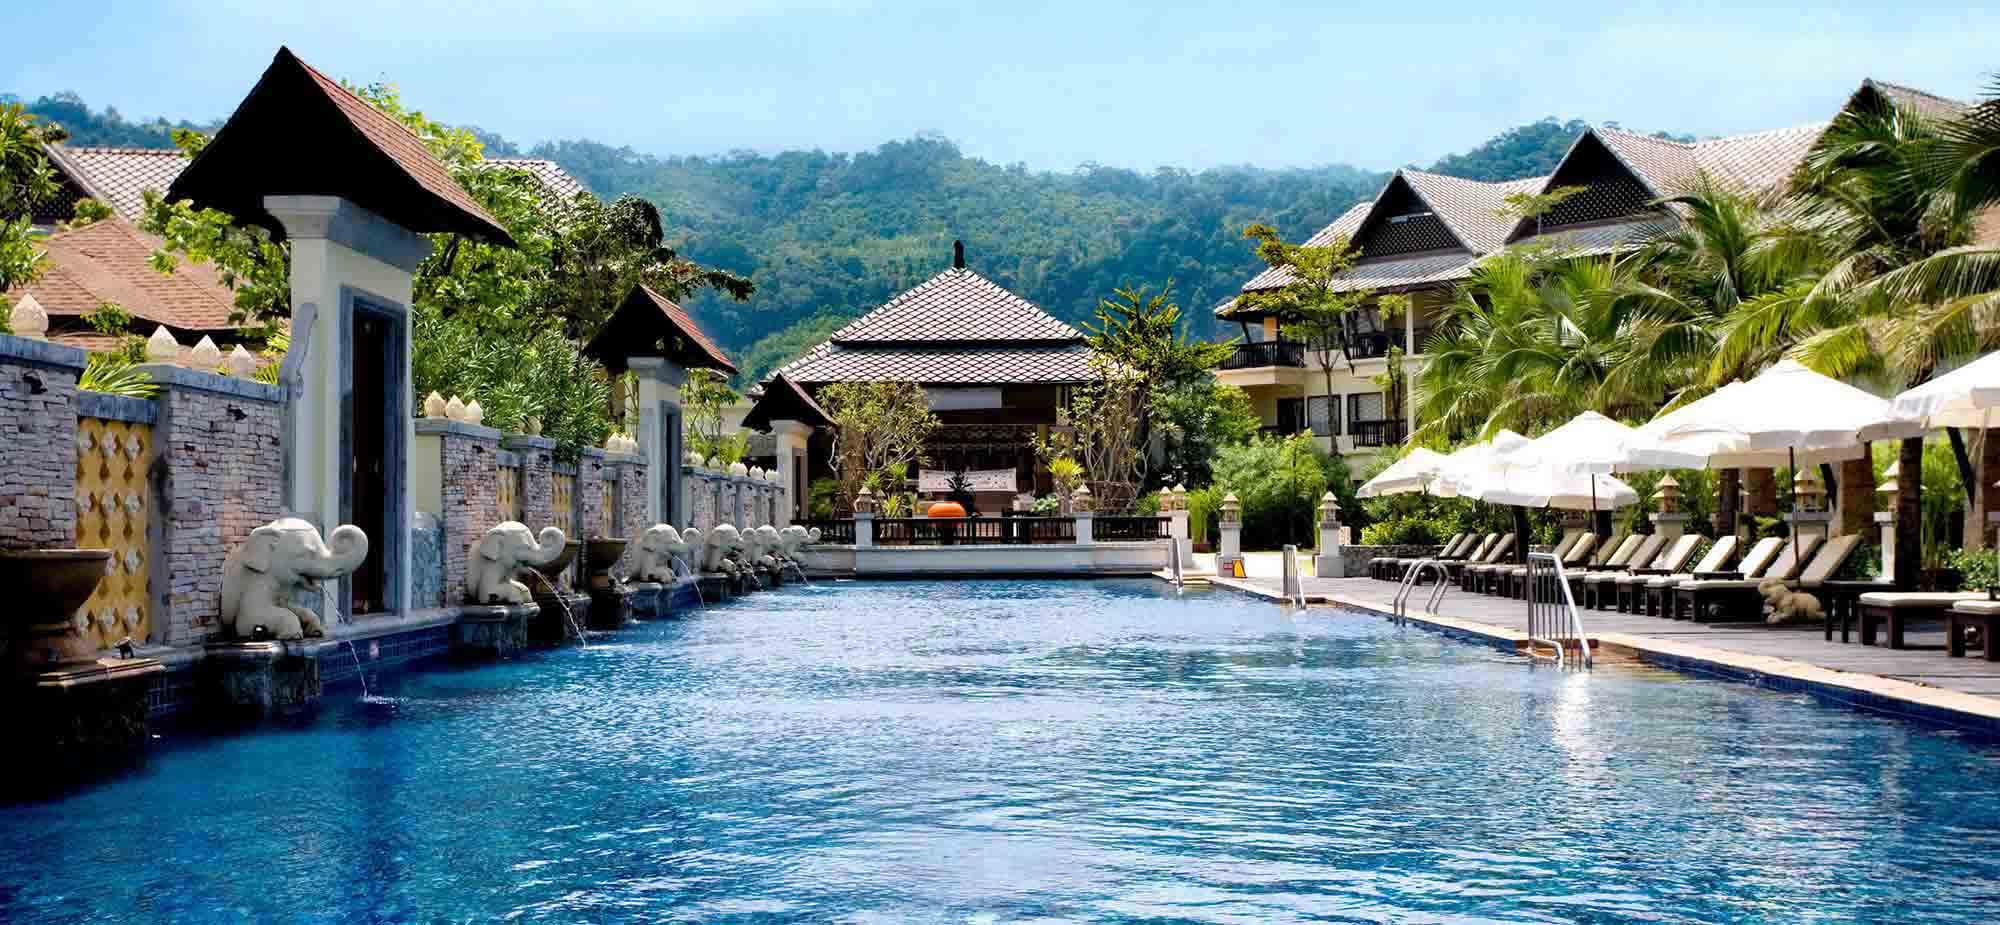 khao-lak-00-khao-lak-pool-350x250.jpg